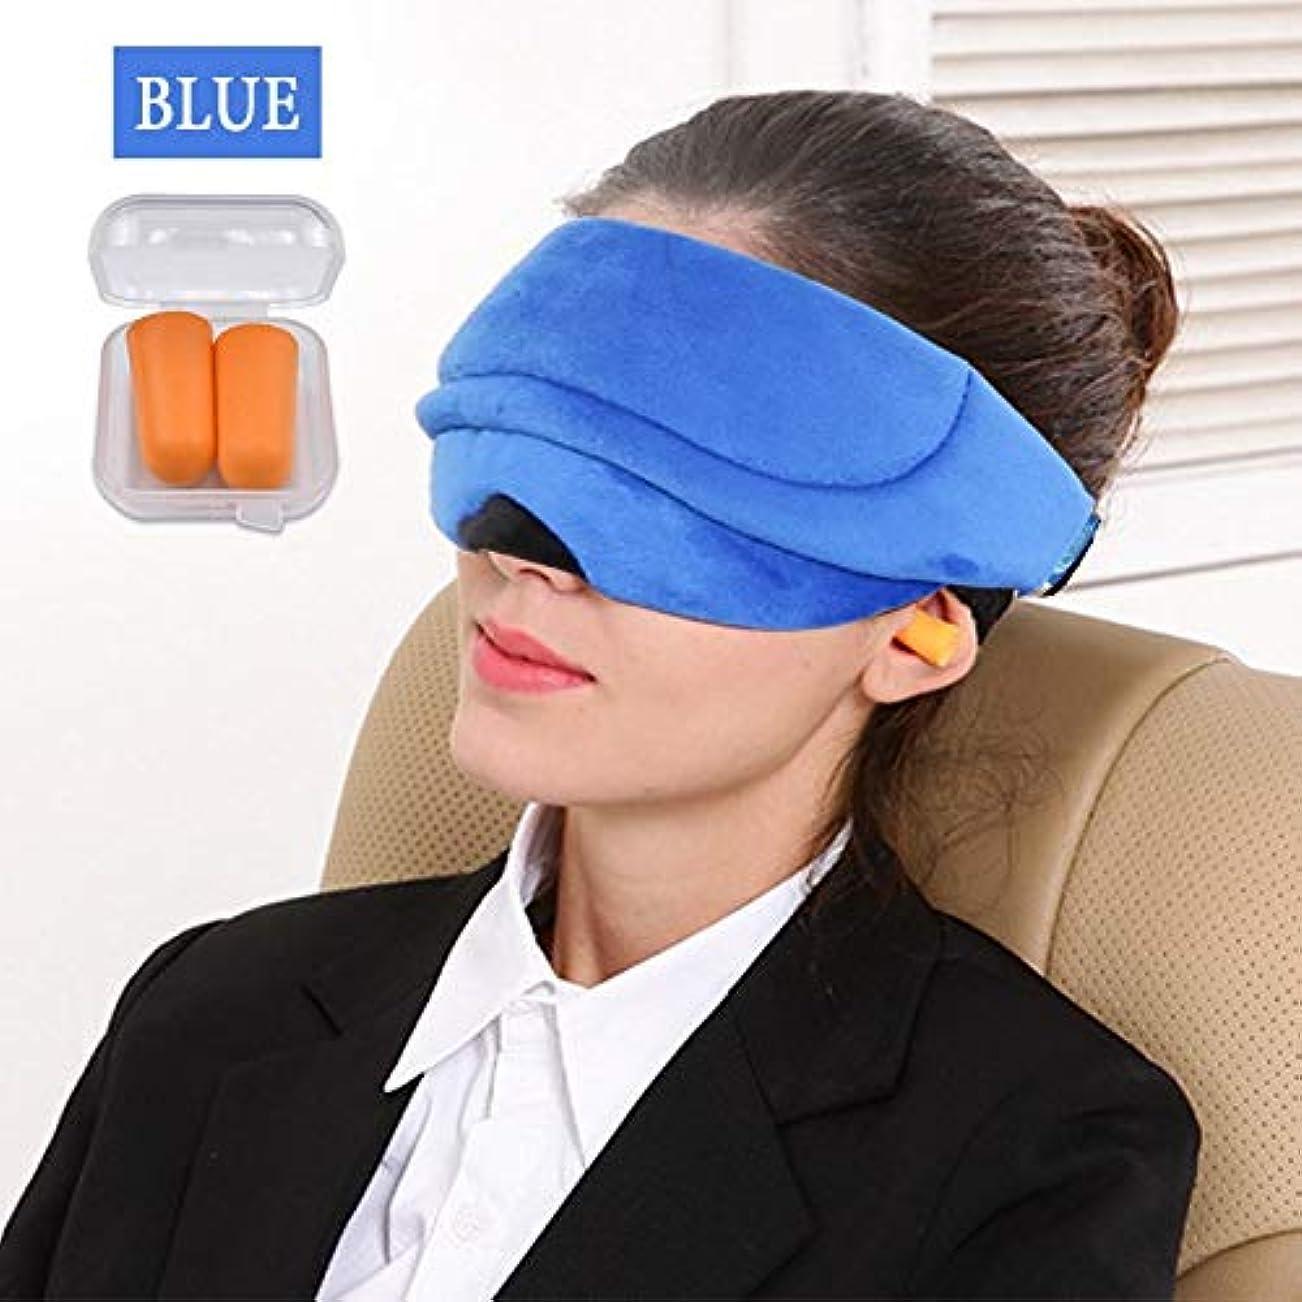 仕事有効化前にNOTE 3dナチュラルスリープマスク女性男性目隠しスムースポータブルアイマスクアイシェード旅行睡眠リラックス睡眠アイカバーシェードアイパッチ